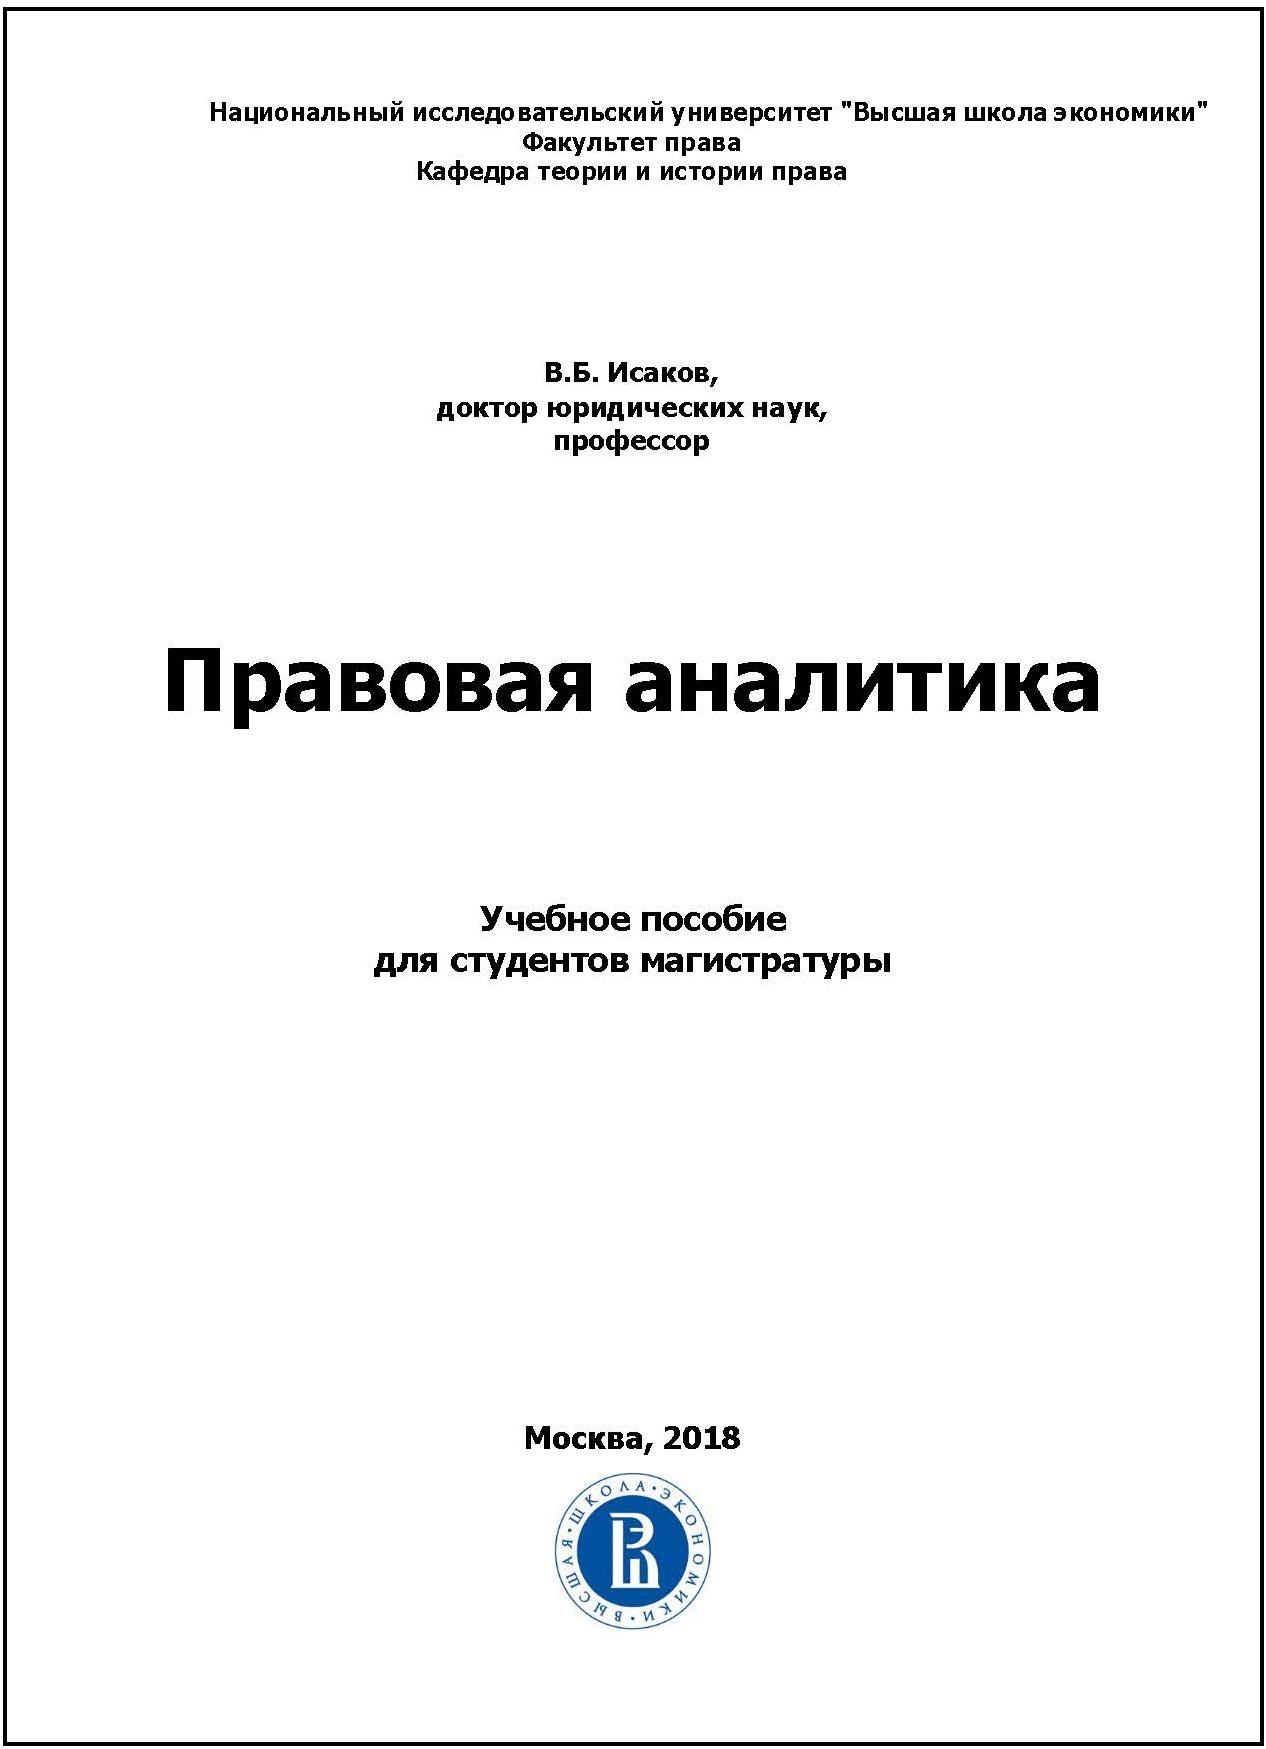 Исаков В.Б. Правовая аналитика: Учебное пособие для студентов магистратуры